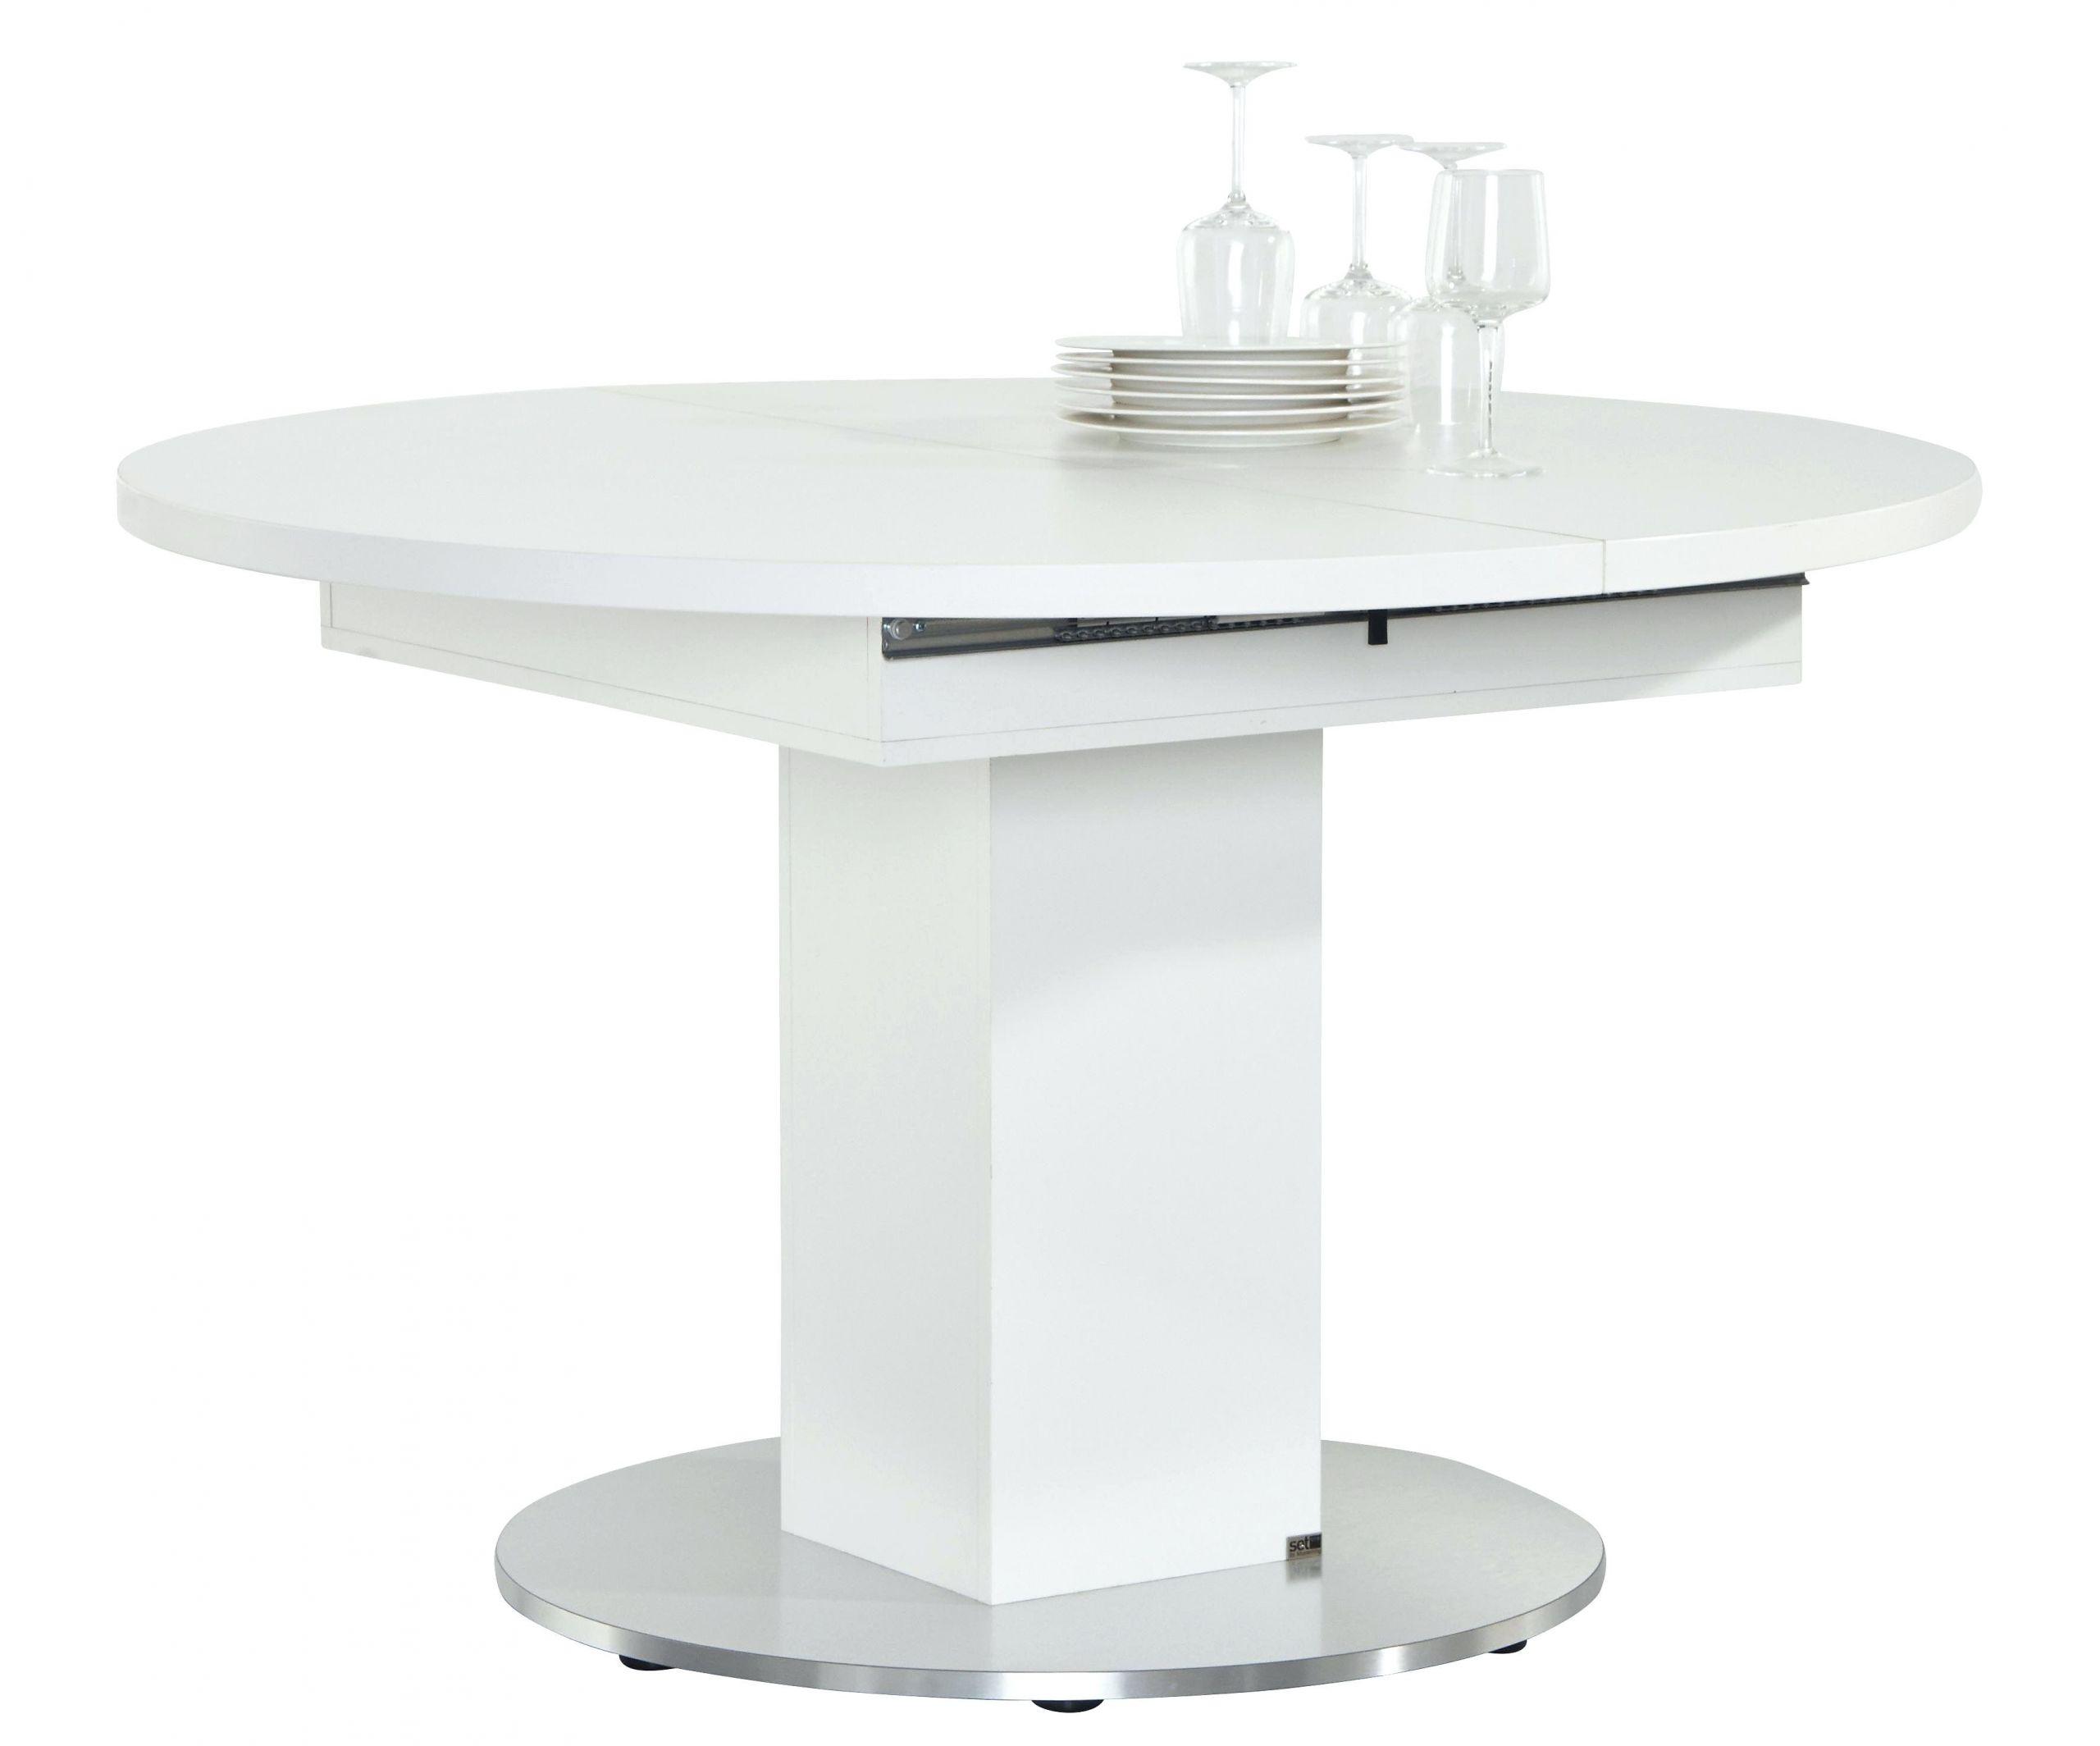 Full Size of Ikea Tisch Rund Küche Kosten Betten Bei Kaufen Miniküche 160x200 Modulküche Sofa Mit Schlaffunktion Wohnzimmer Gartentisch Ikea